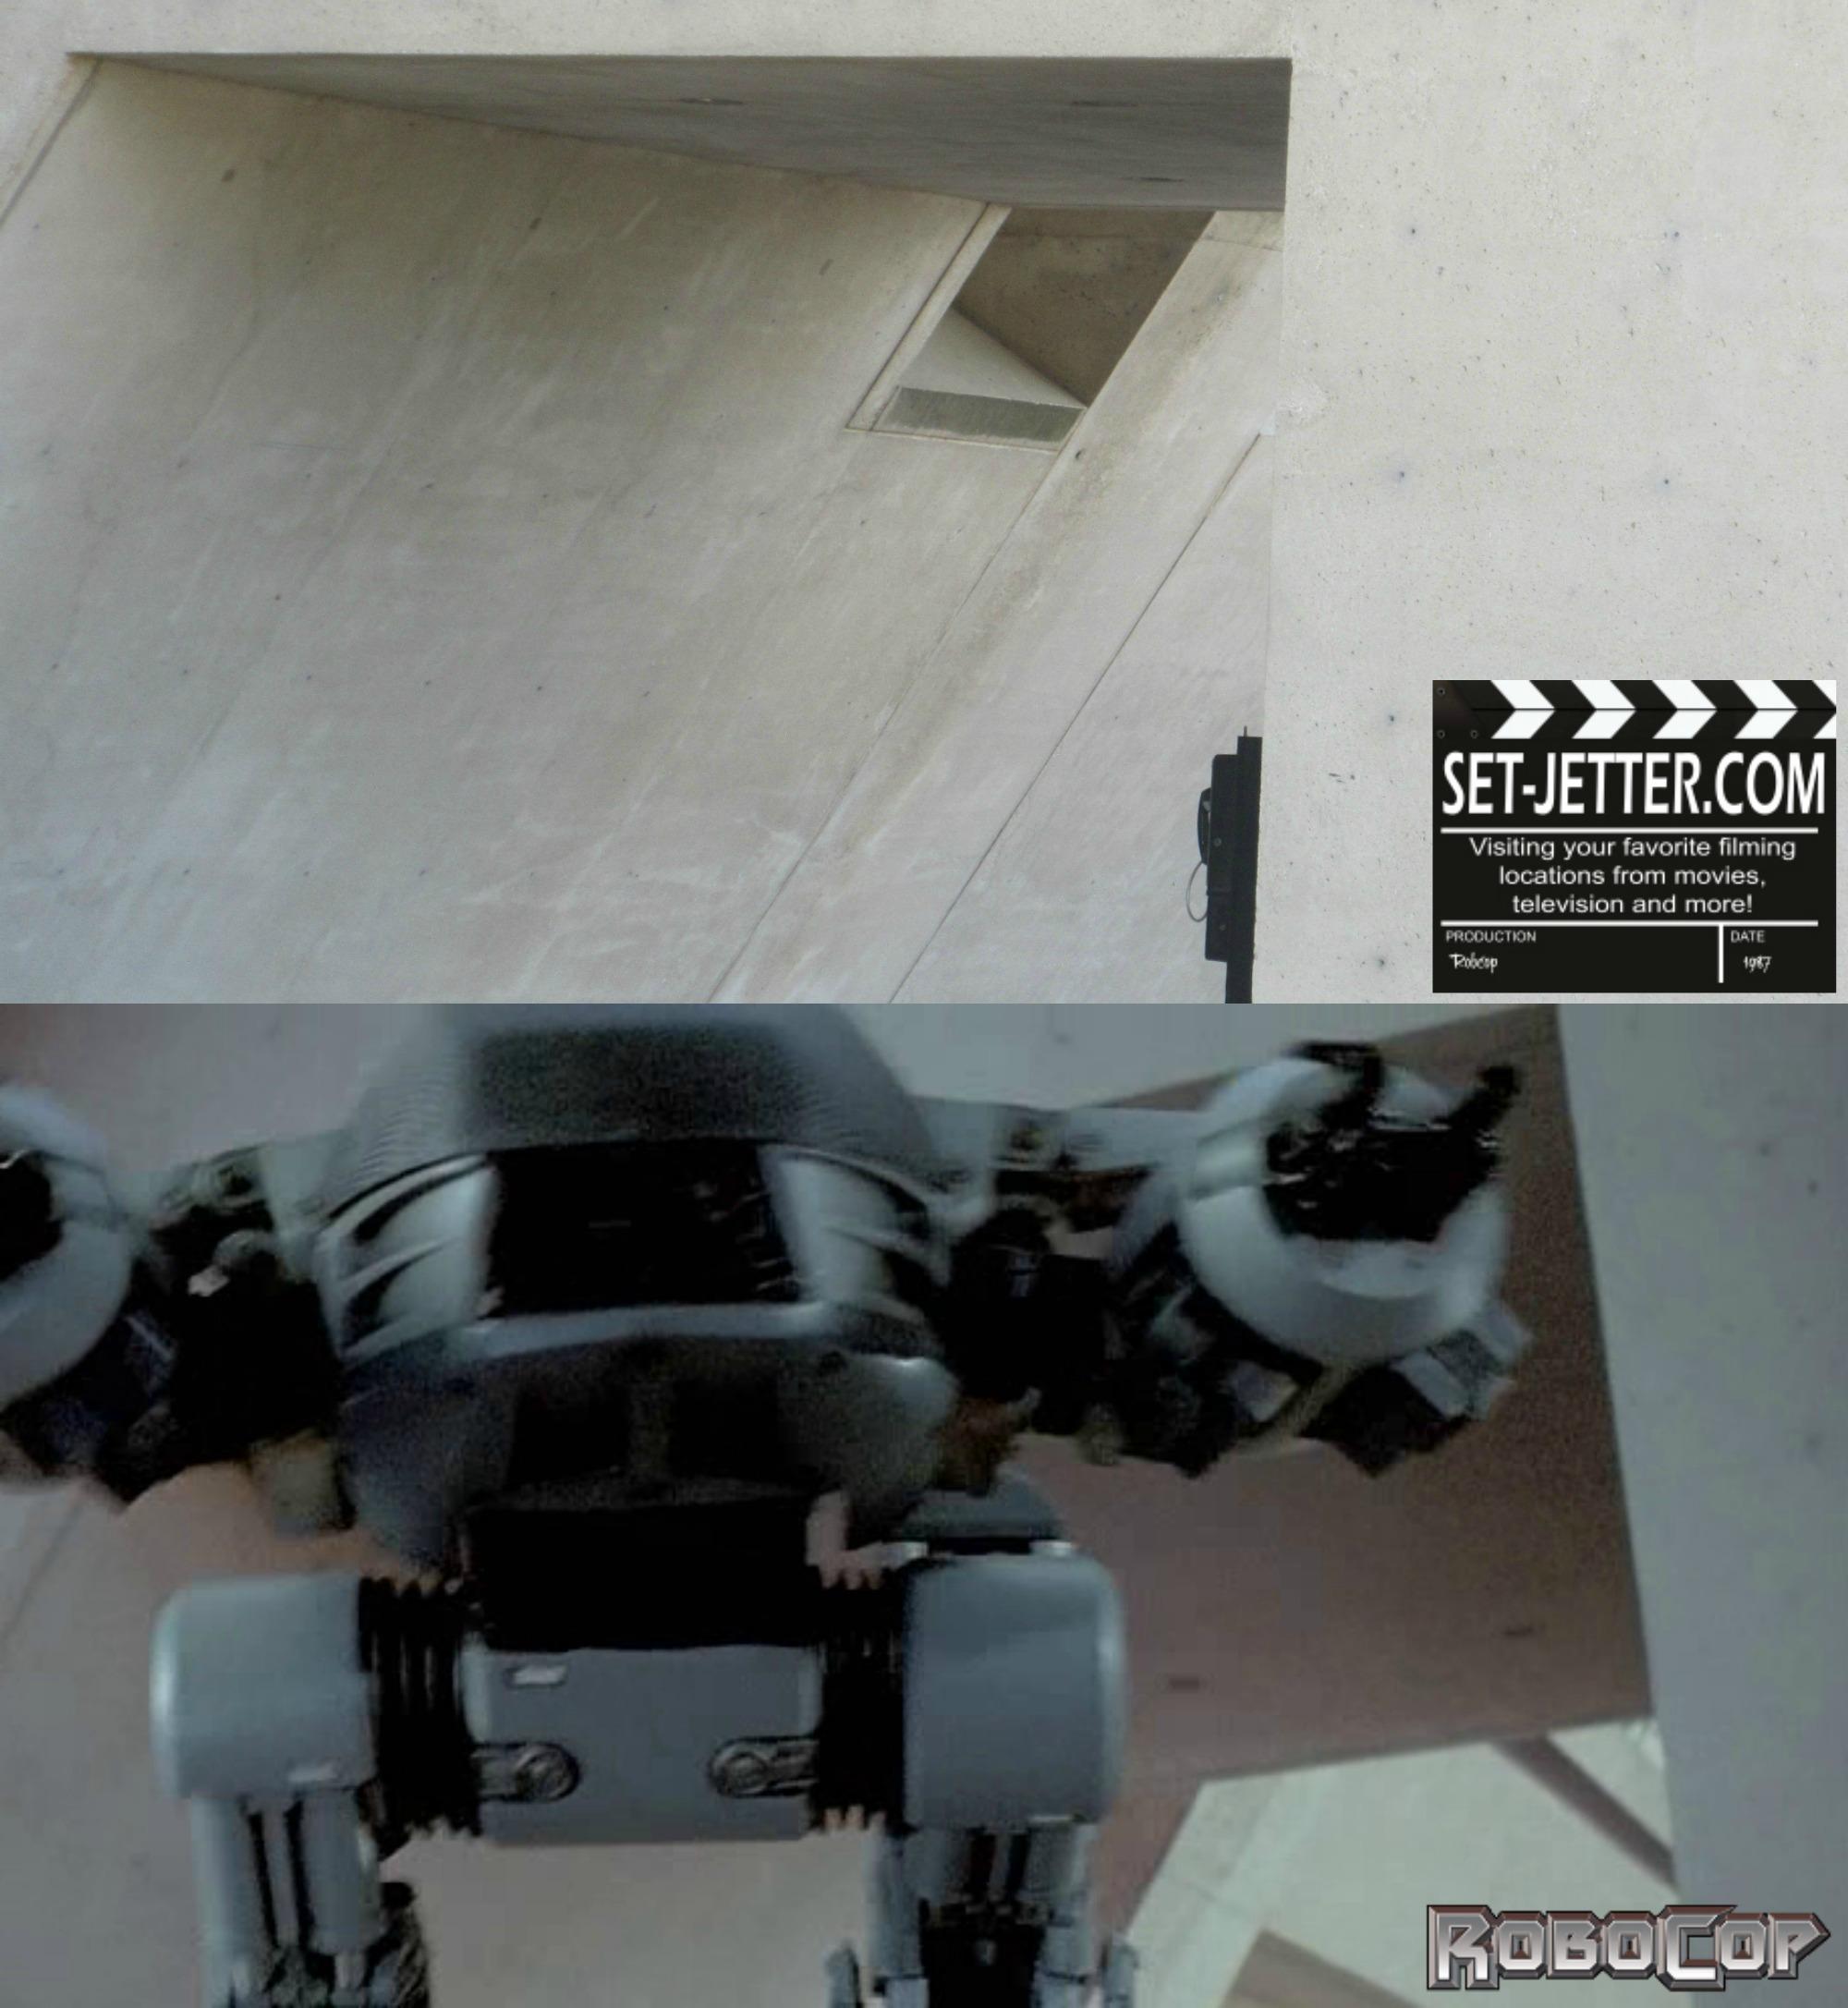 Robocop comparison 166.jpg